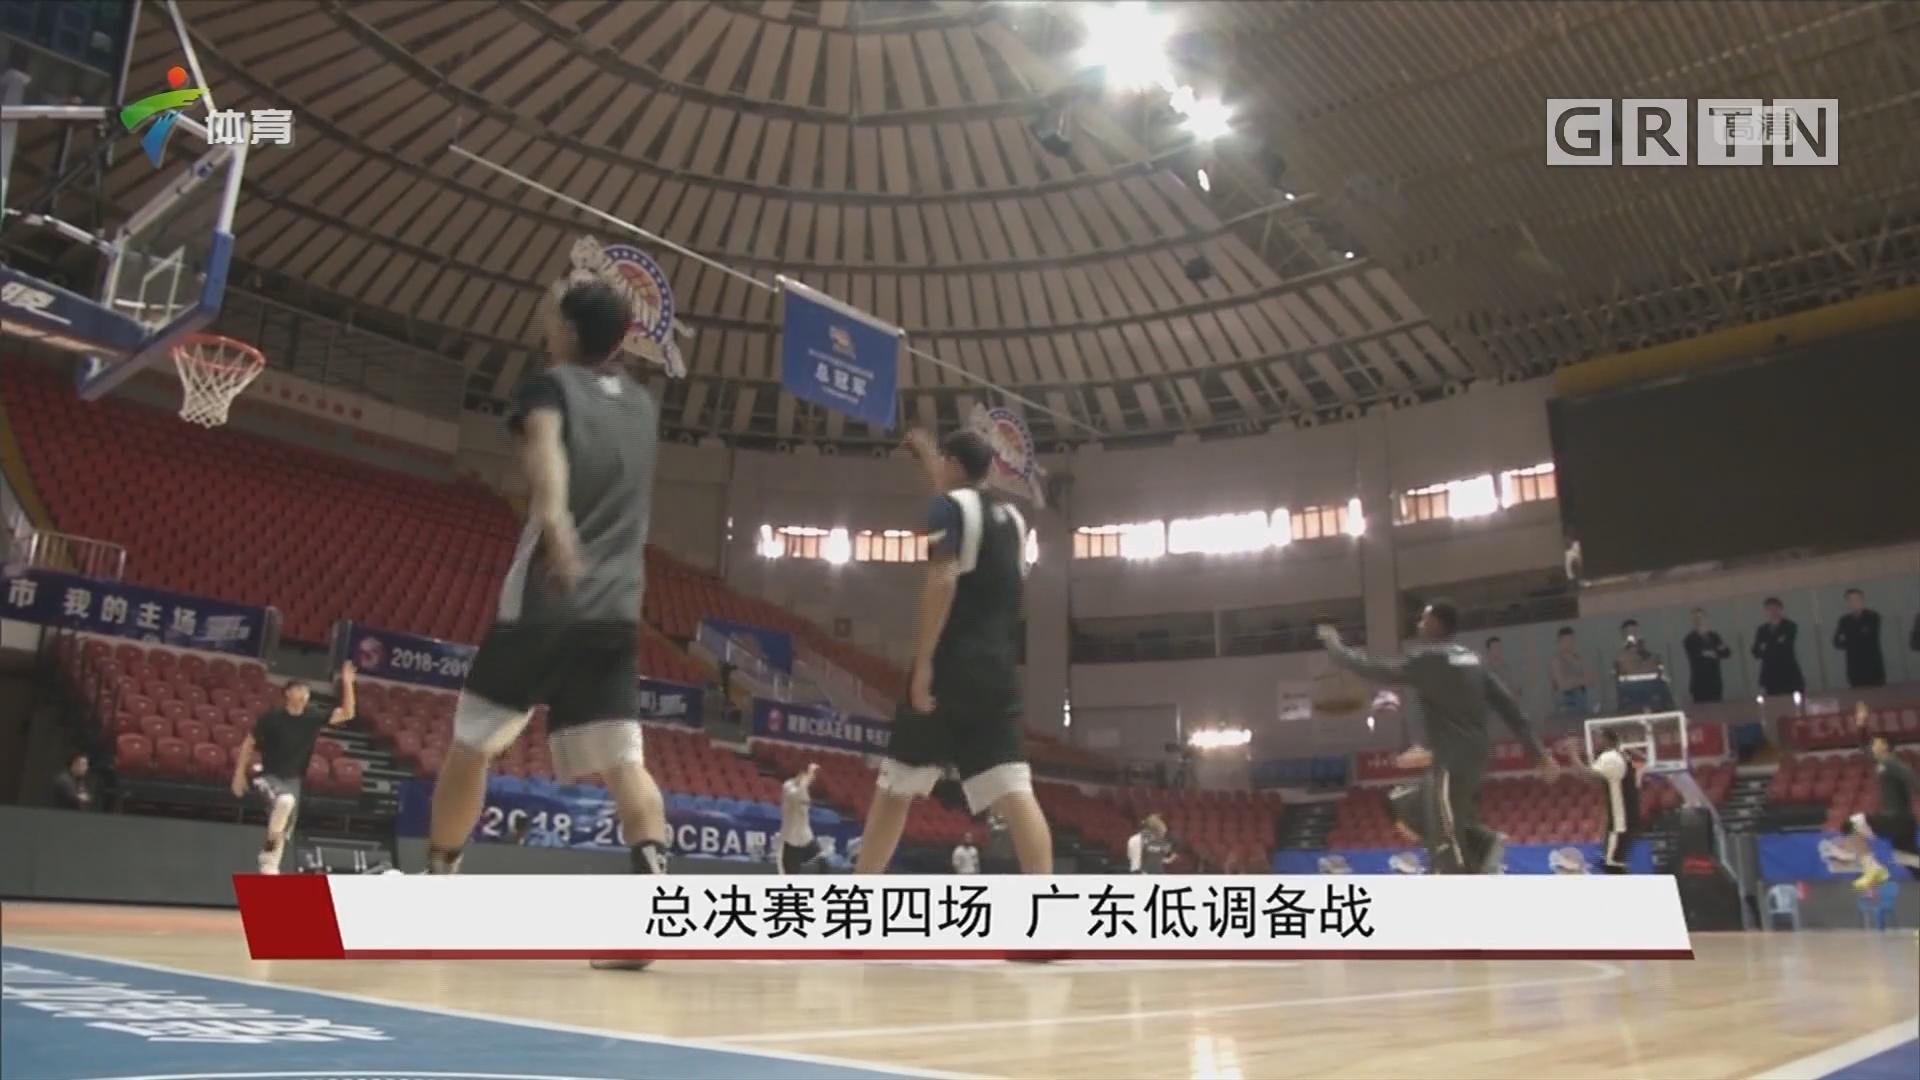 总决赛第四场 广东低调备战